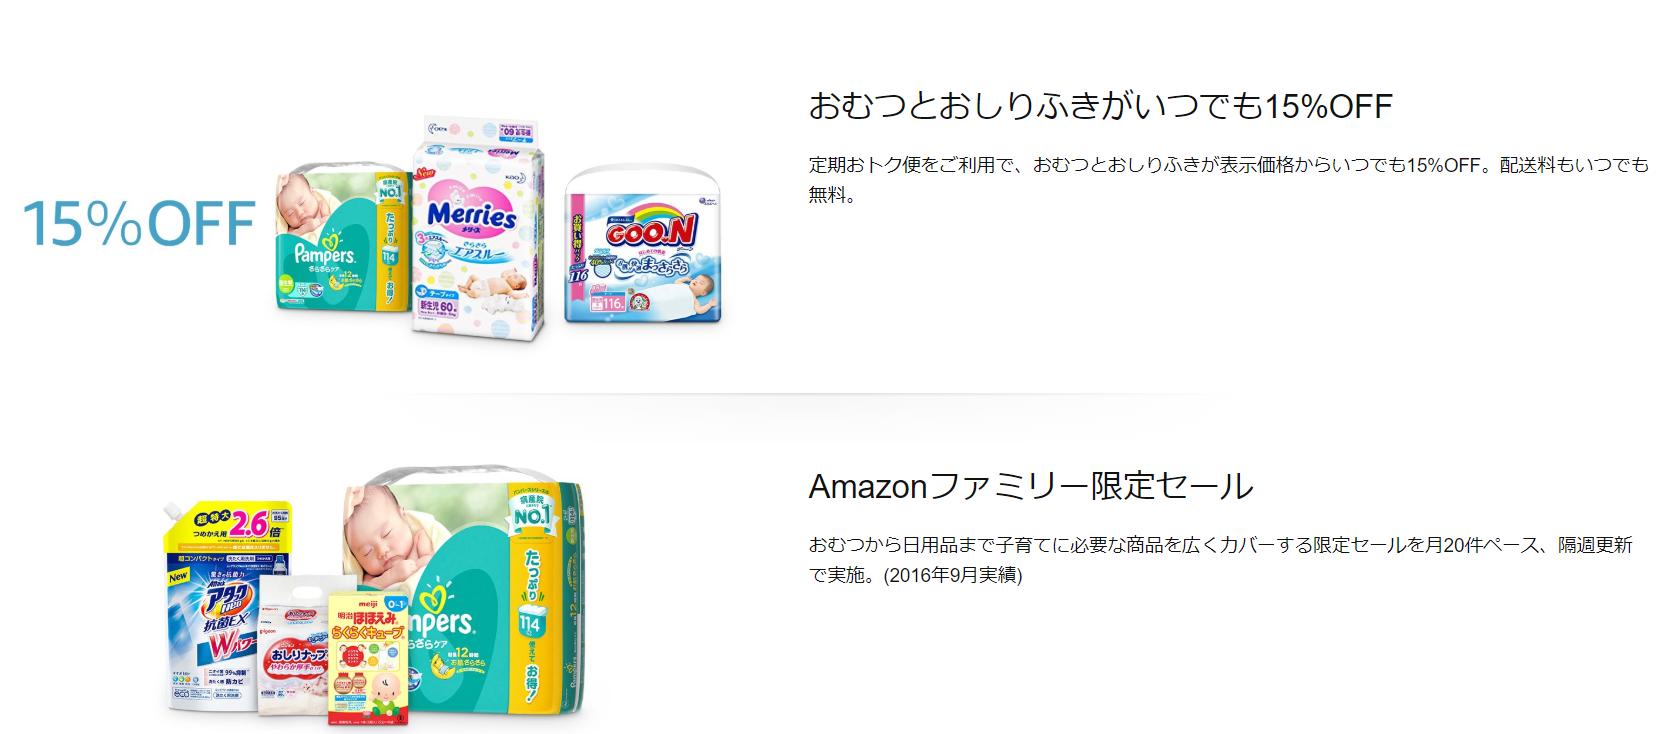 Amazonファミリーセール